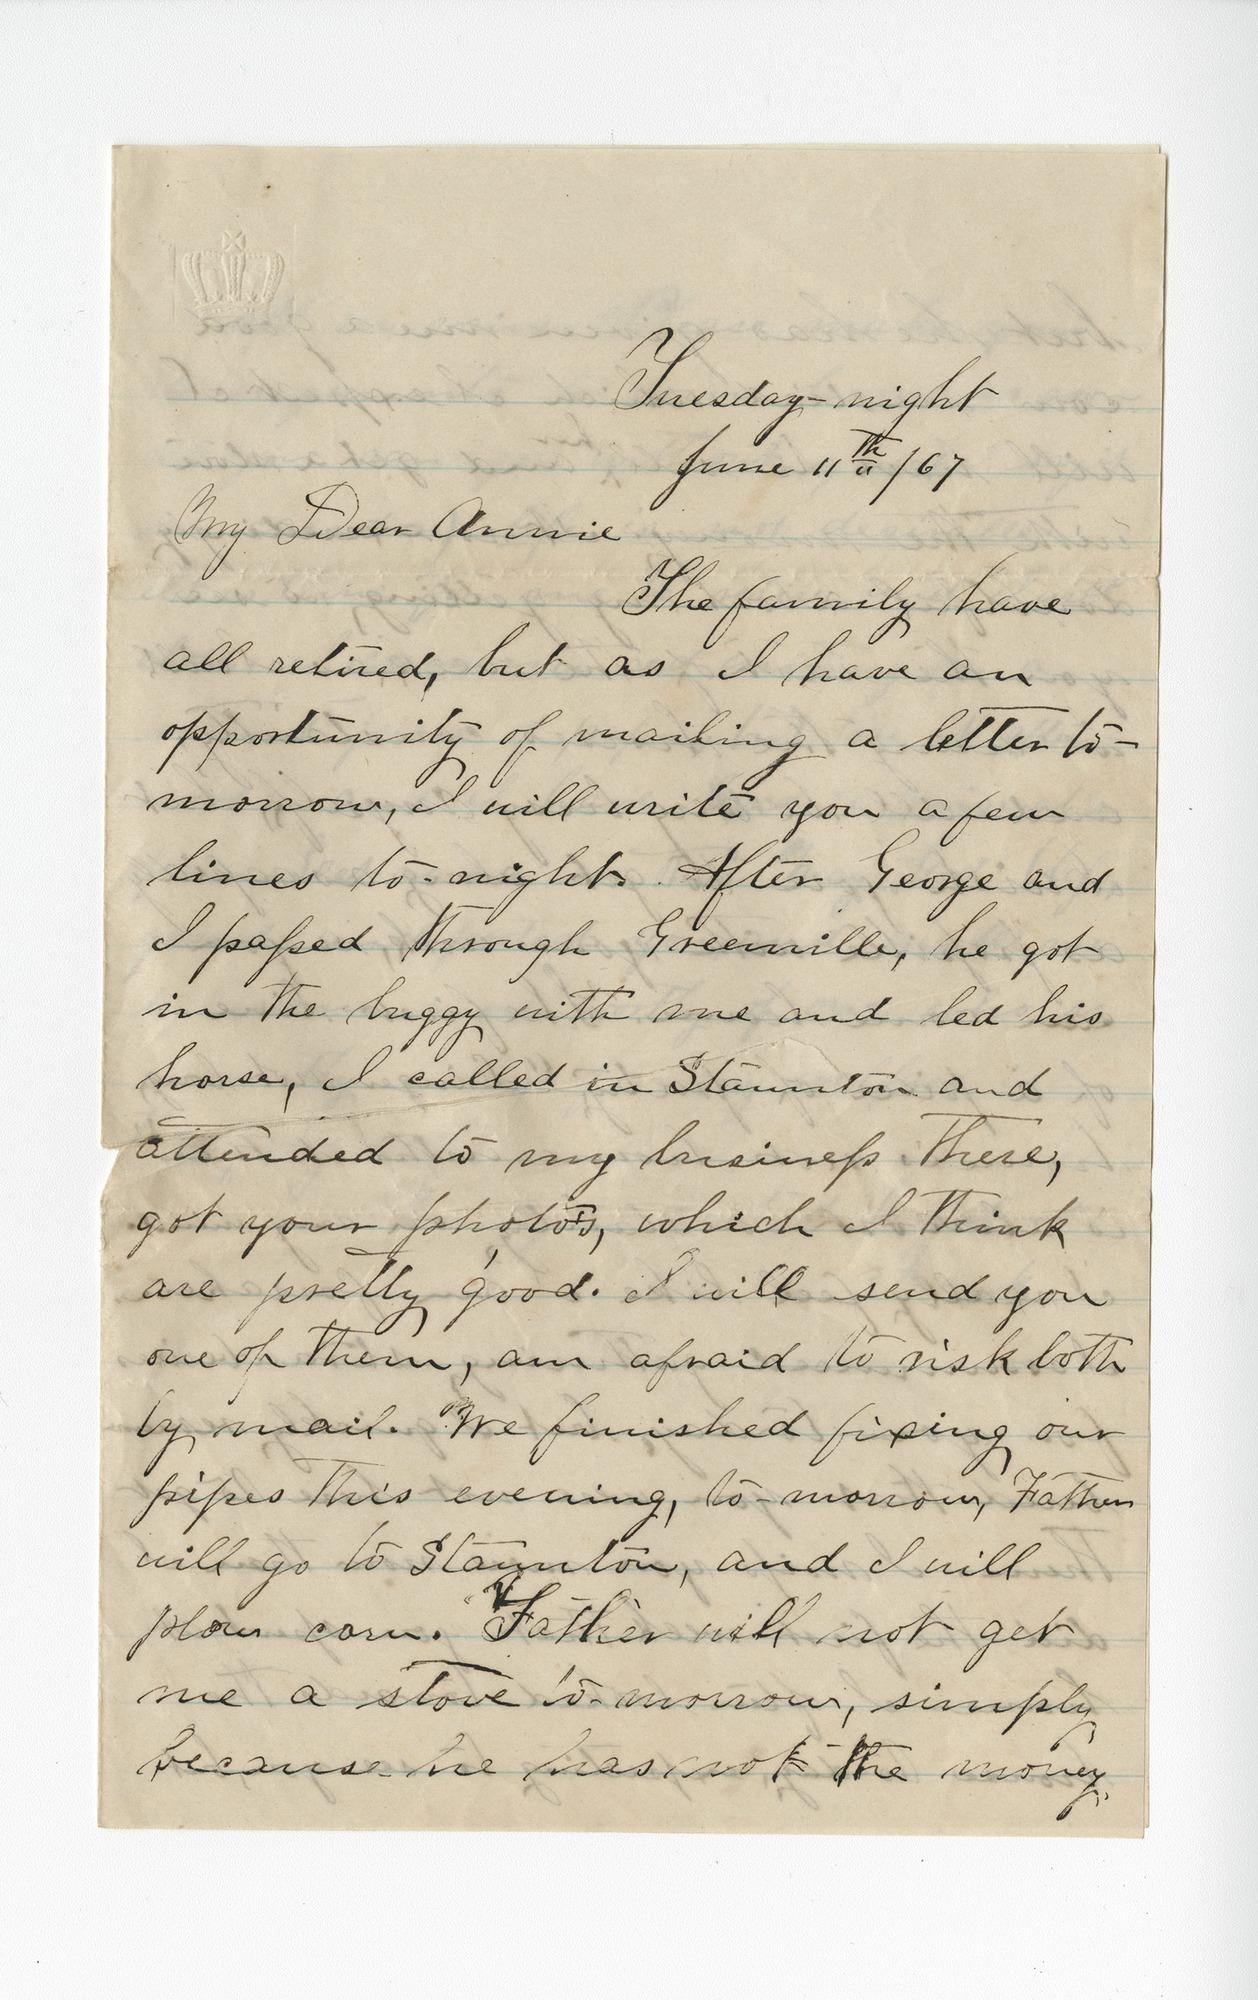 Ms2016-013_HeizerJames_Letter_1867_0611a.jpg